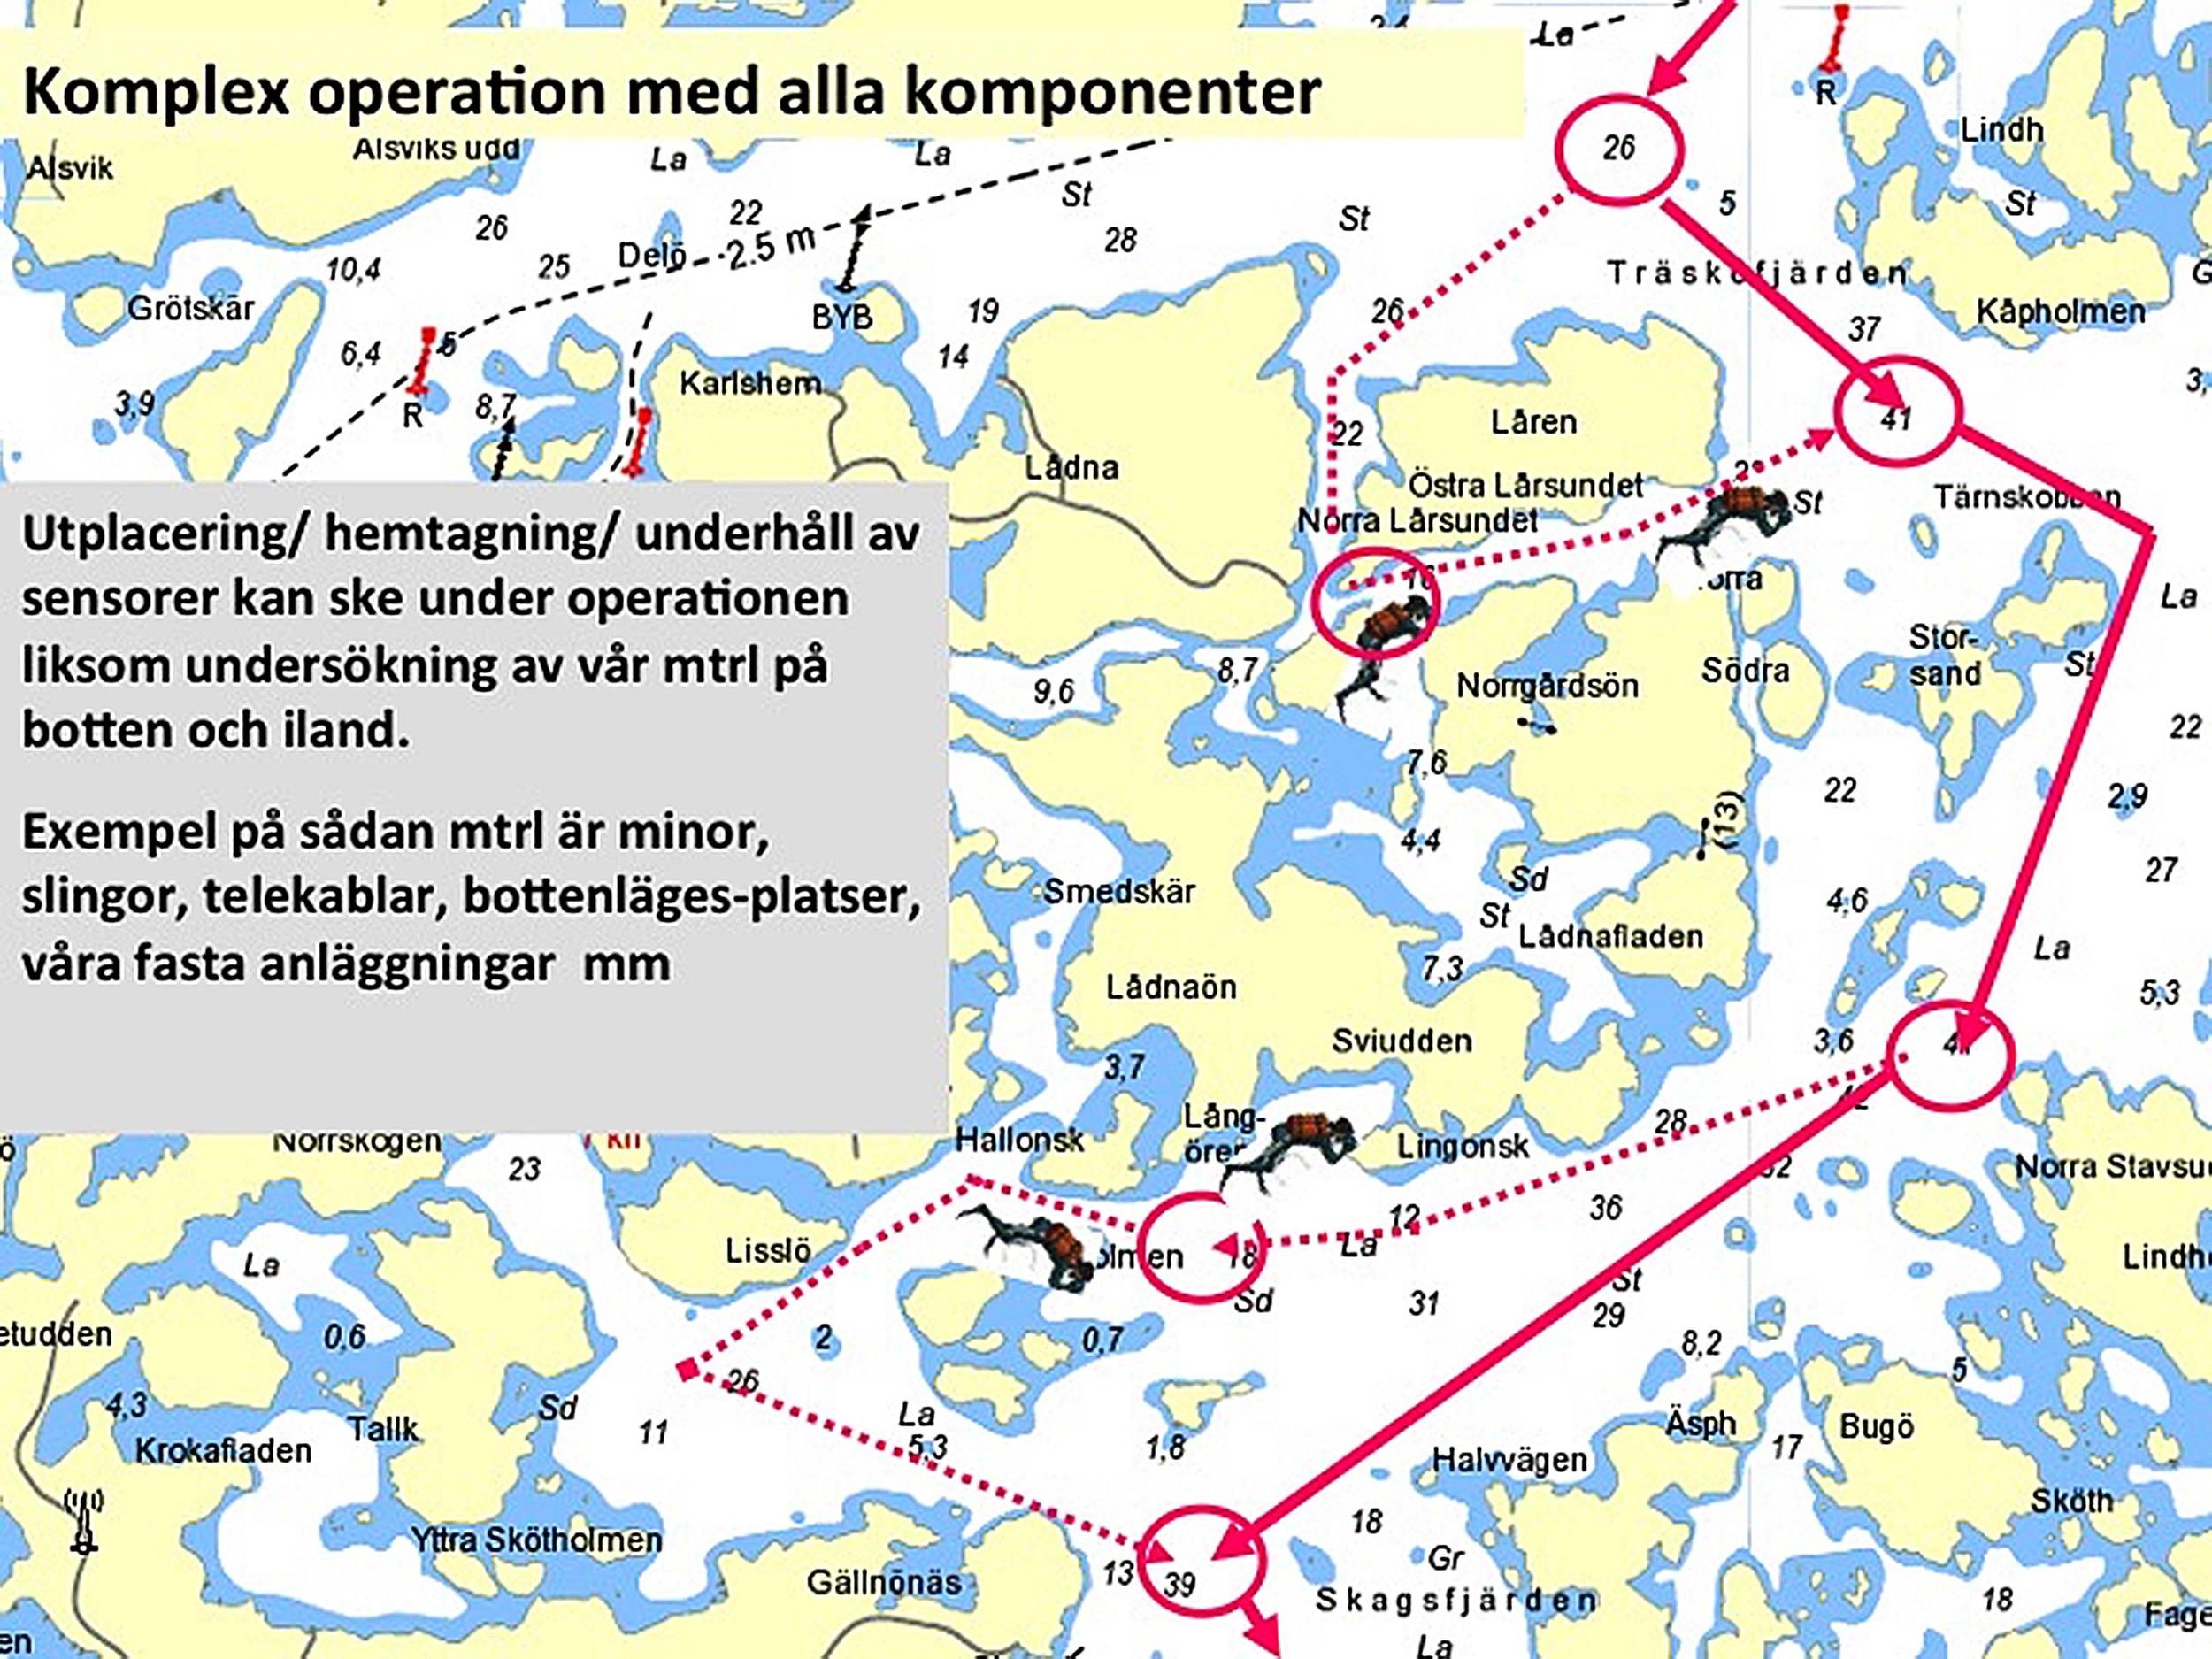 Operationsprofil 3: Komplex operation med alla komponenter